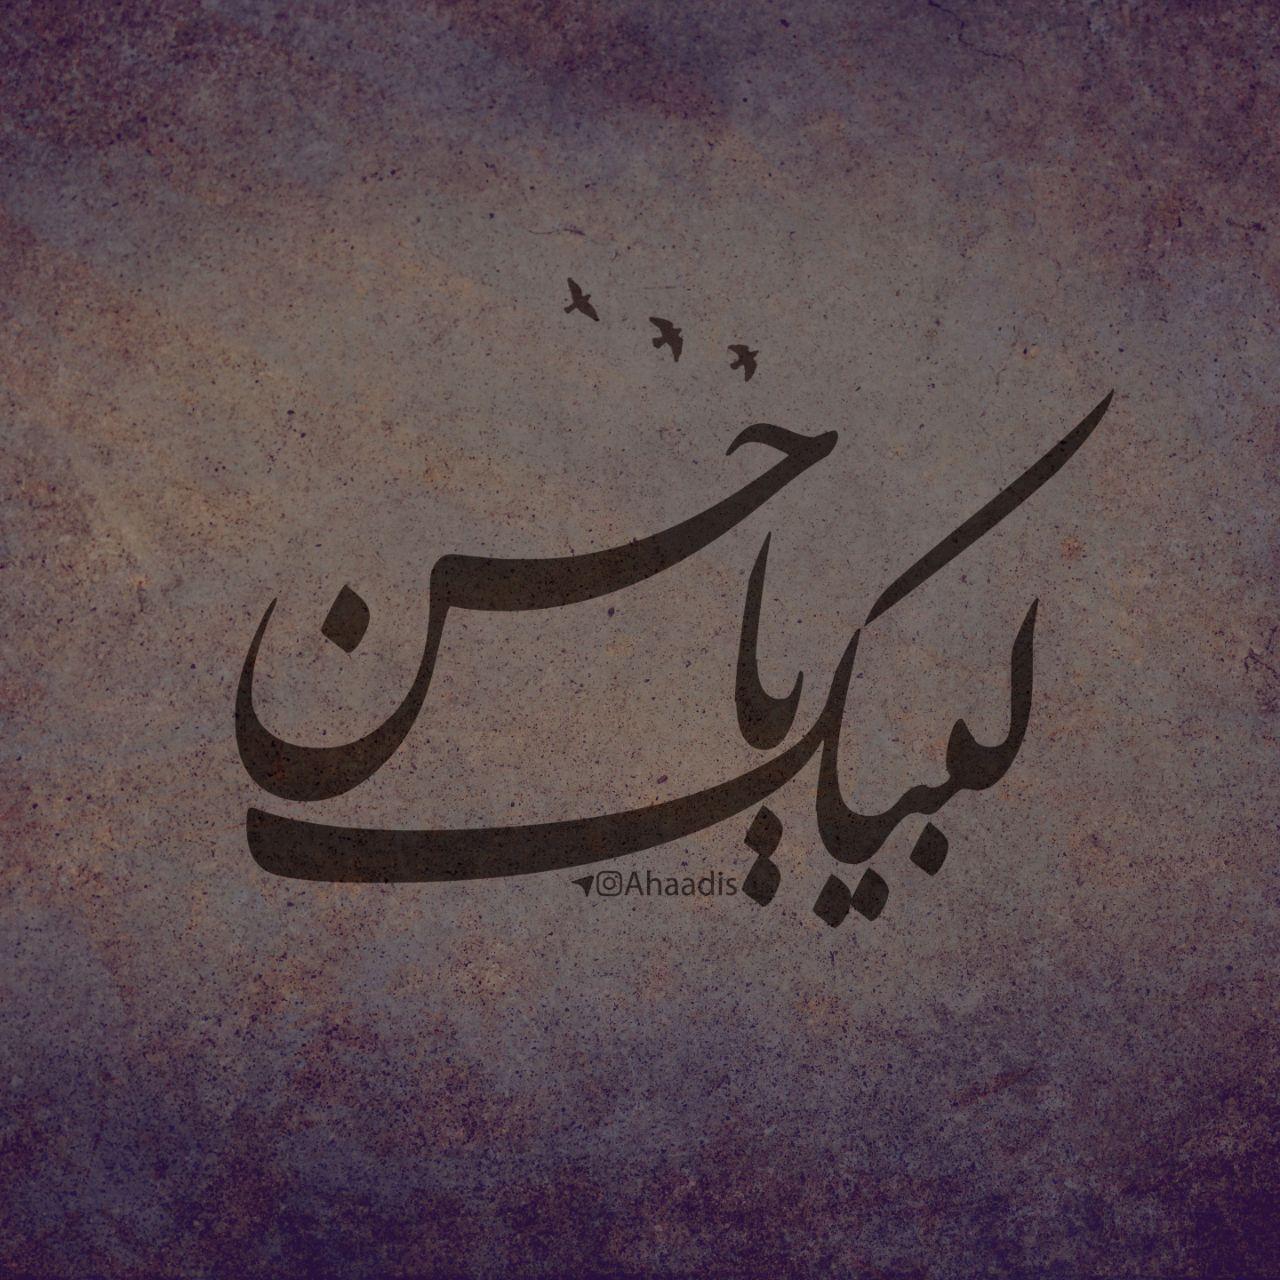 دعا برای کسب روزی حلال از امام حسن (ع)